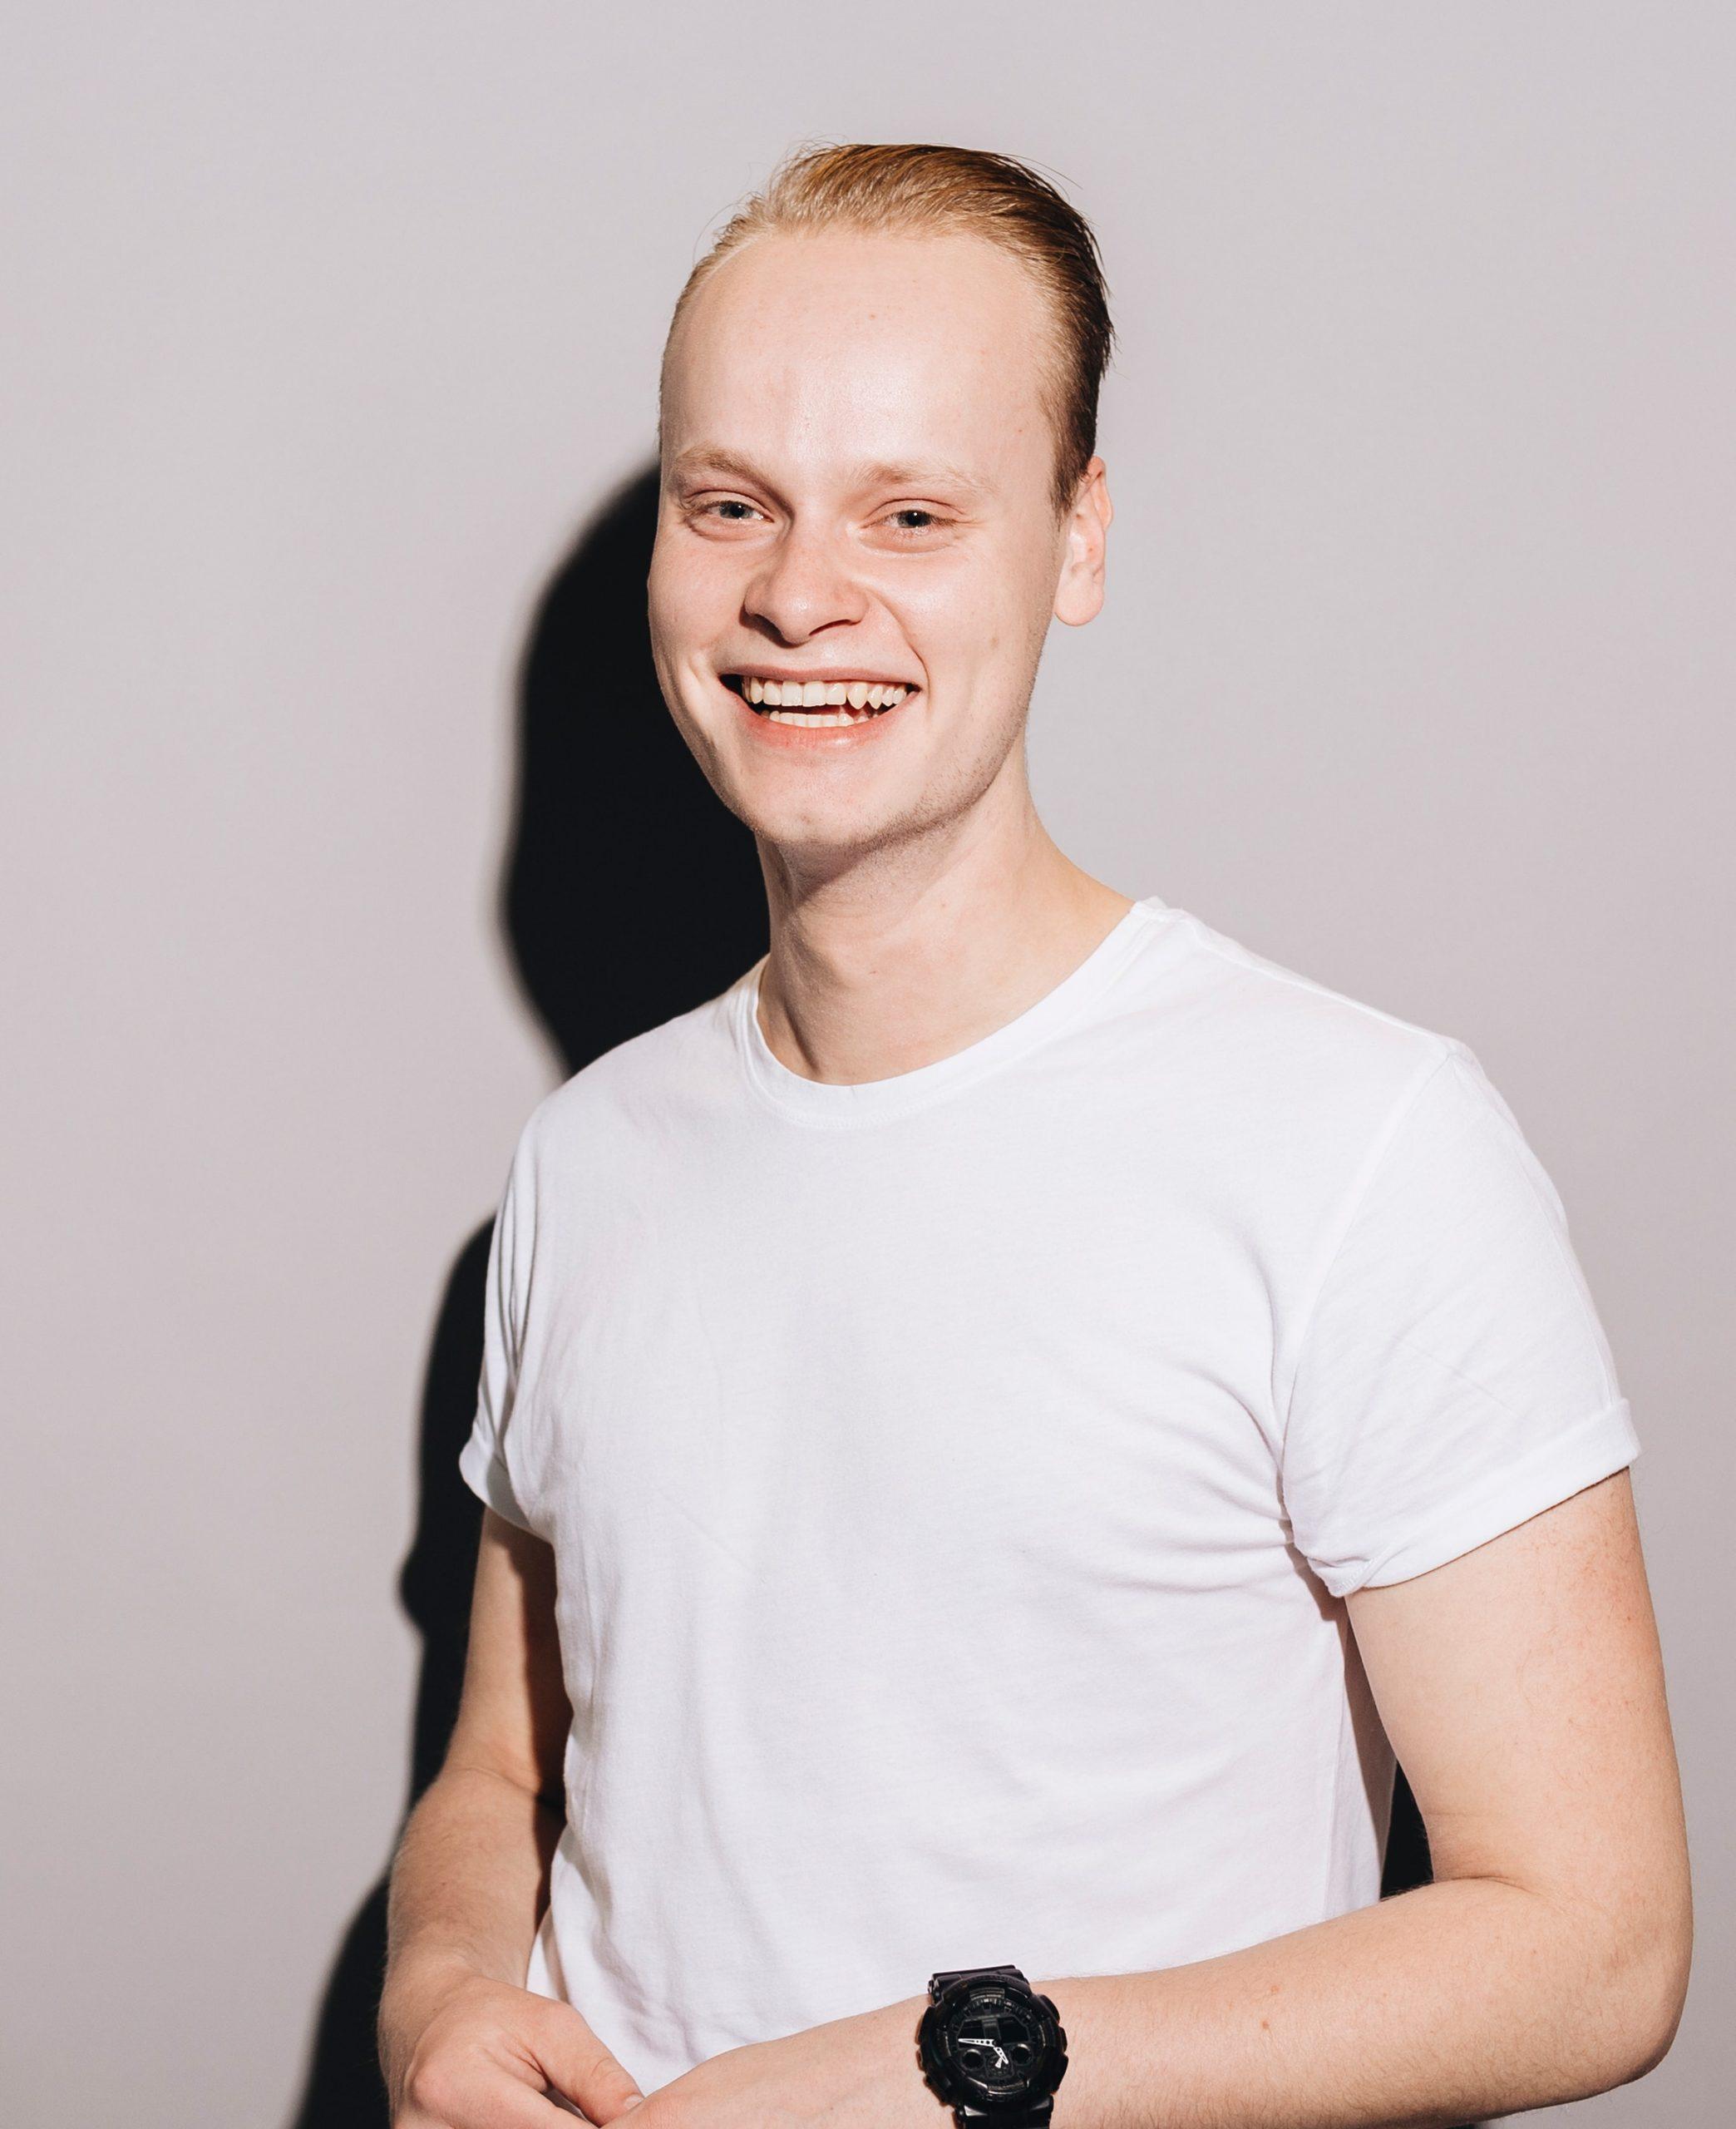 Thijmen van den Hoek, 18